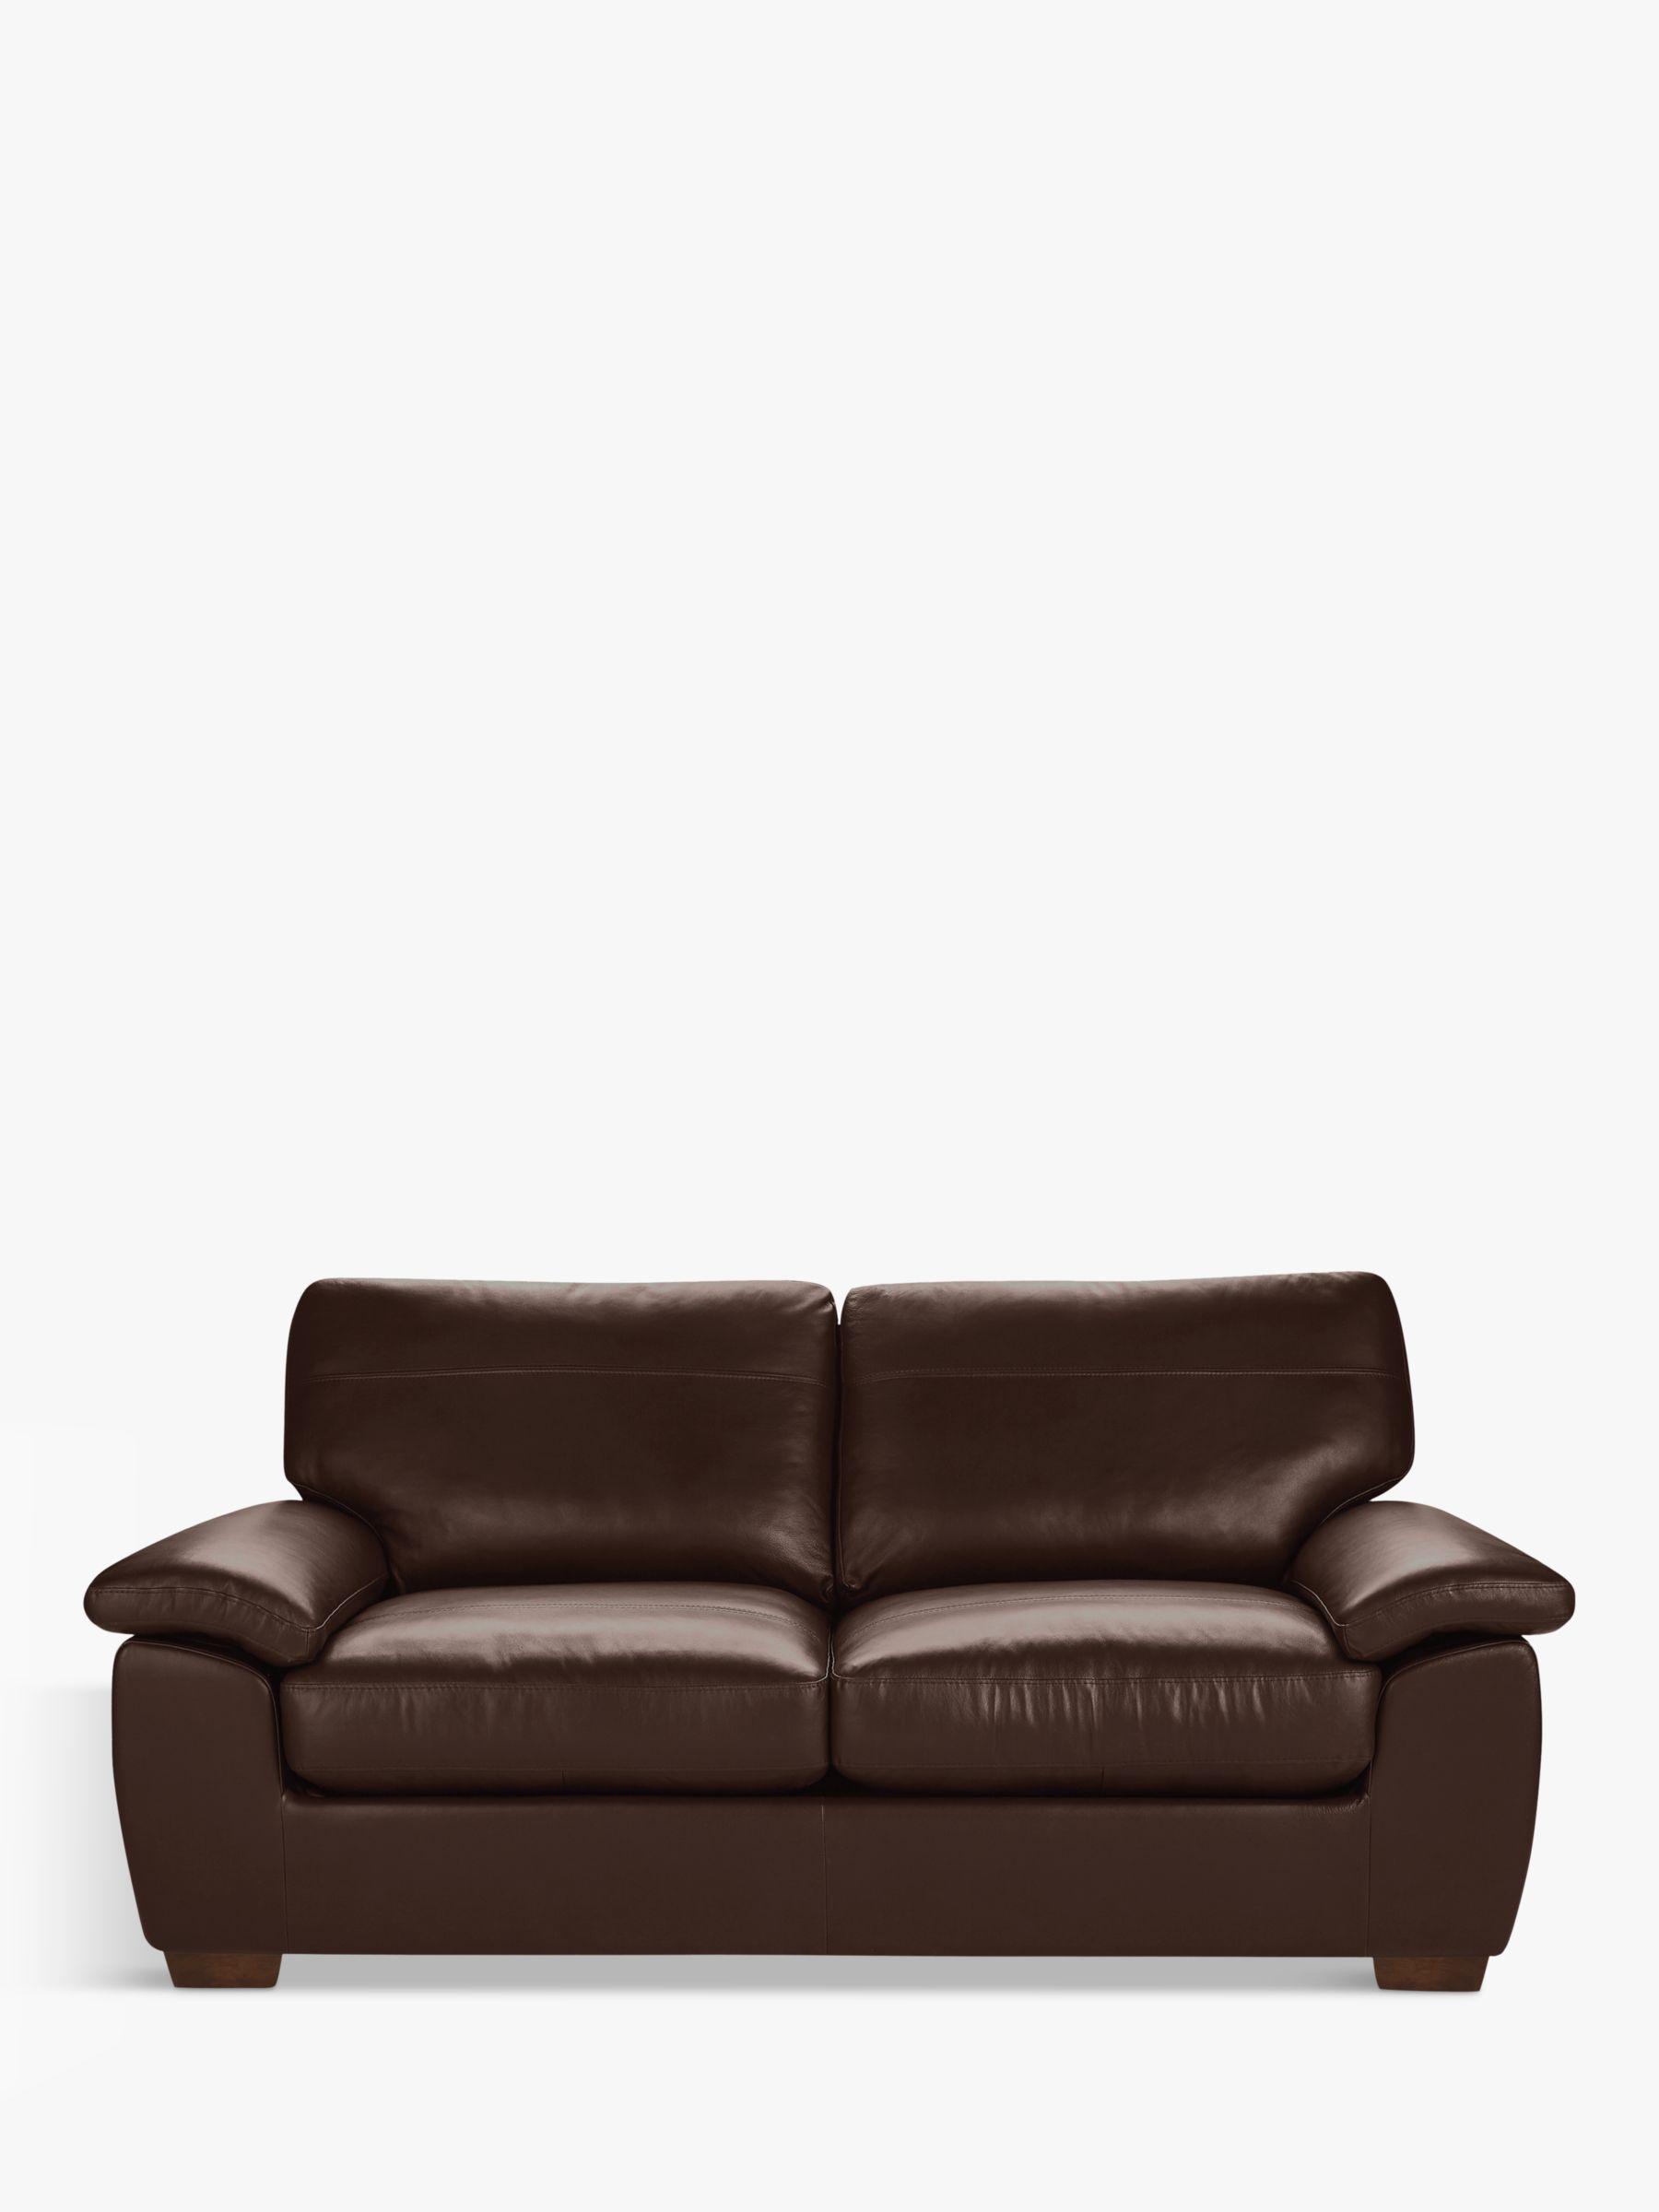 John Lewis Partners Camden Large 3 Seater Leather Sofa Dark Leg Nature Brown At John Lewis Partners